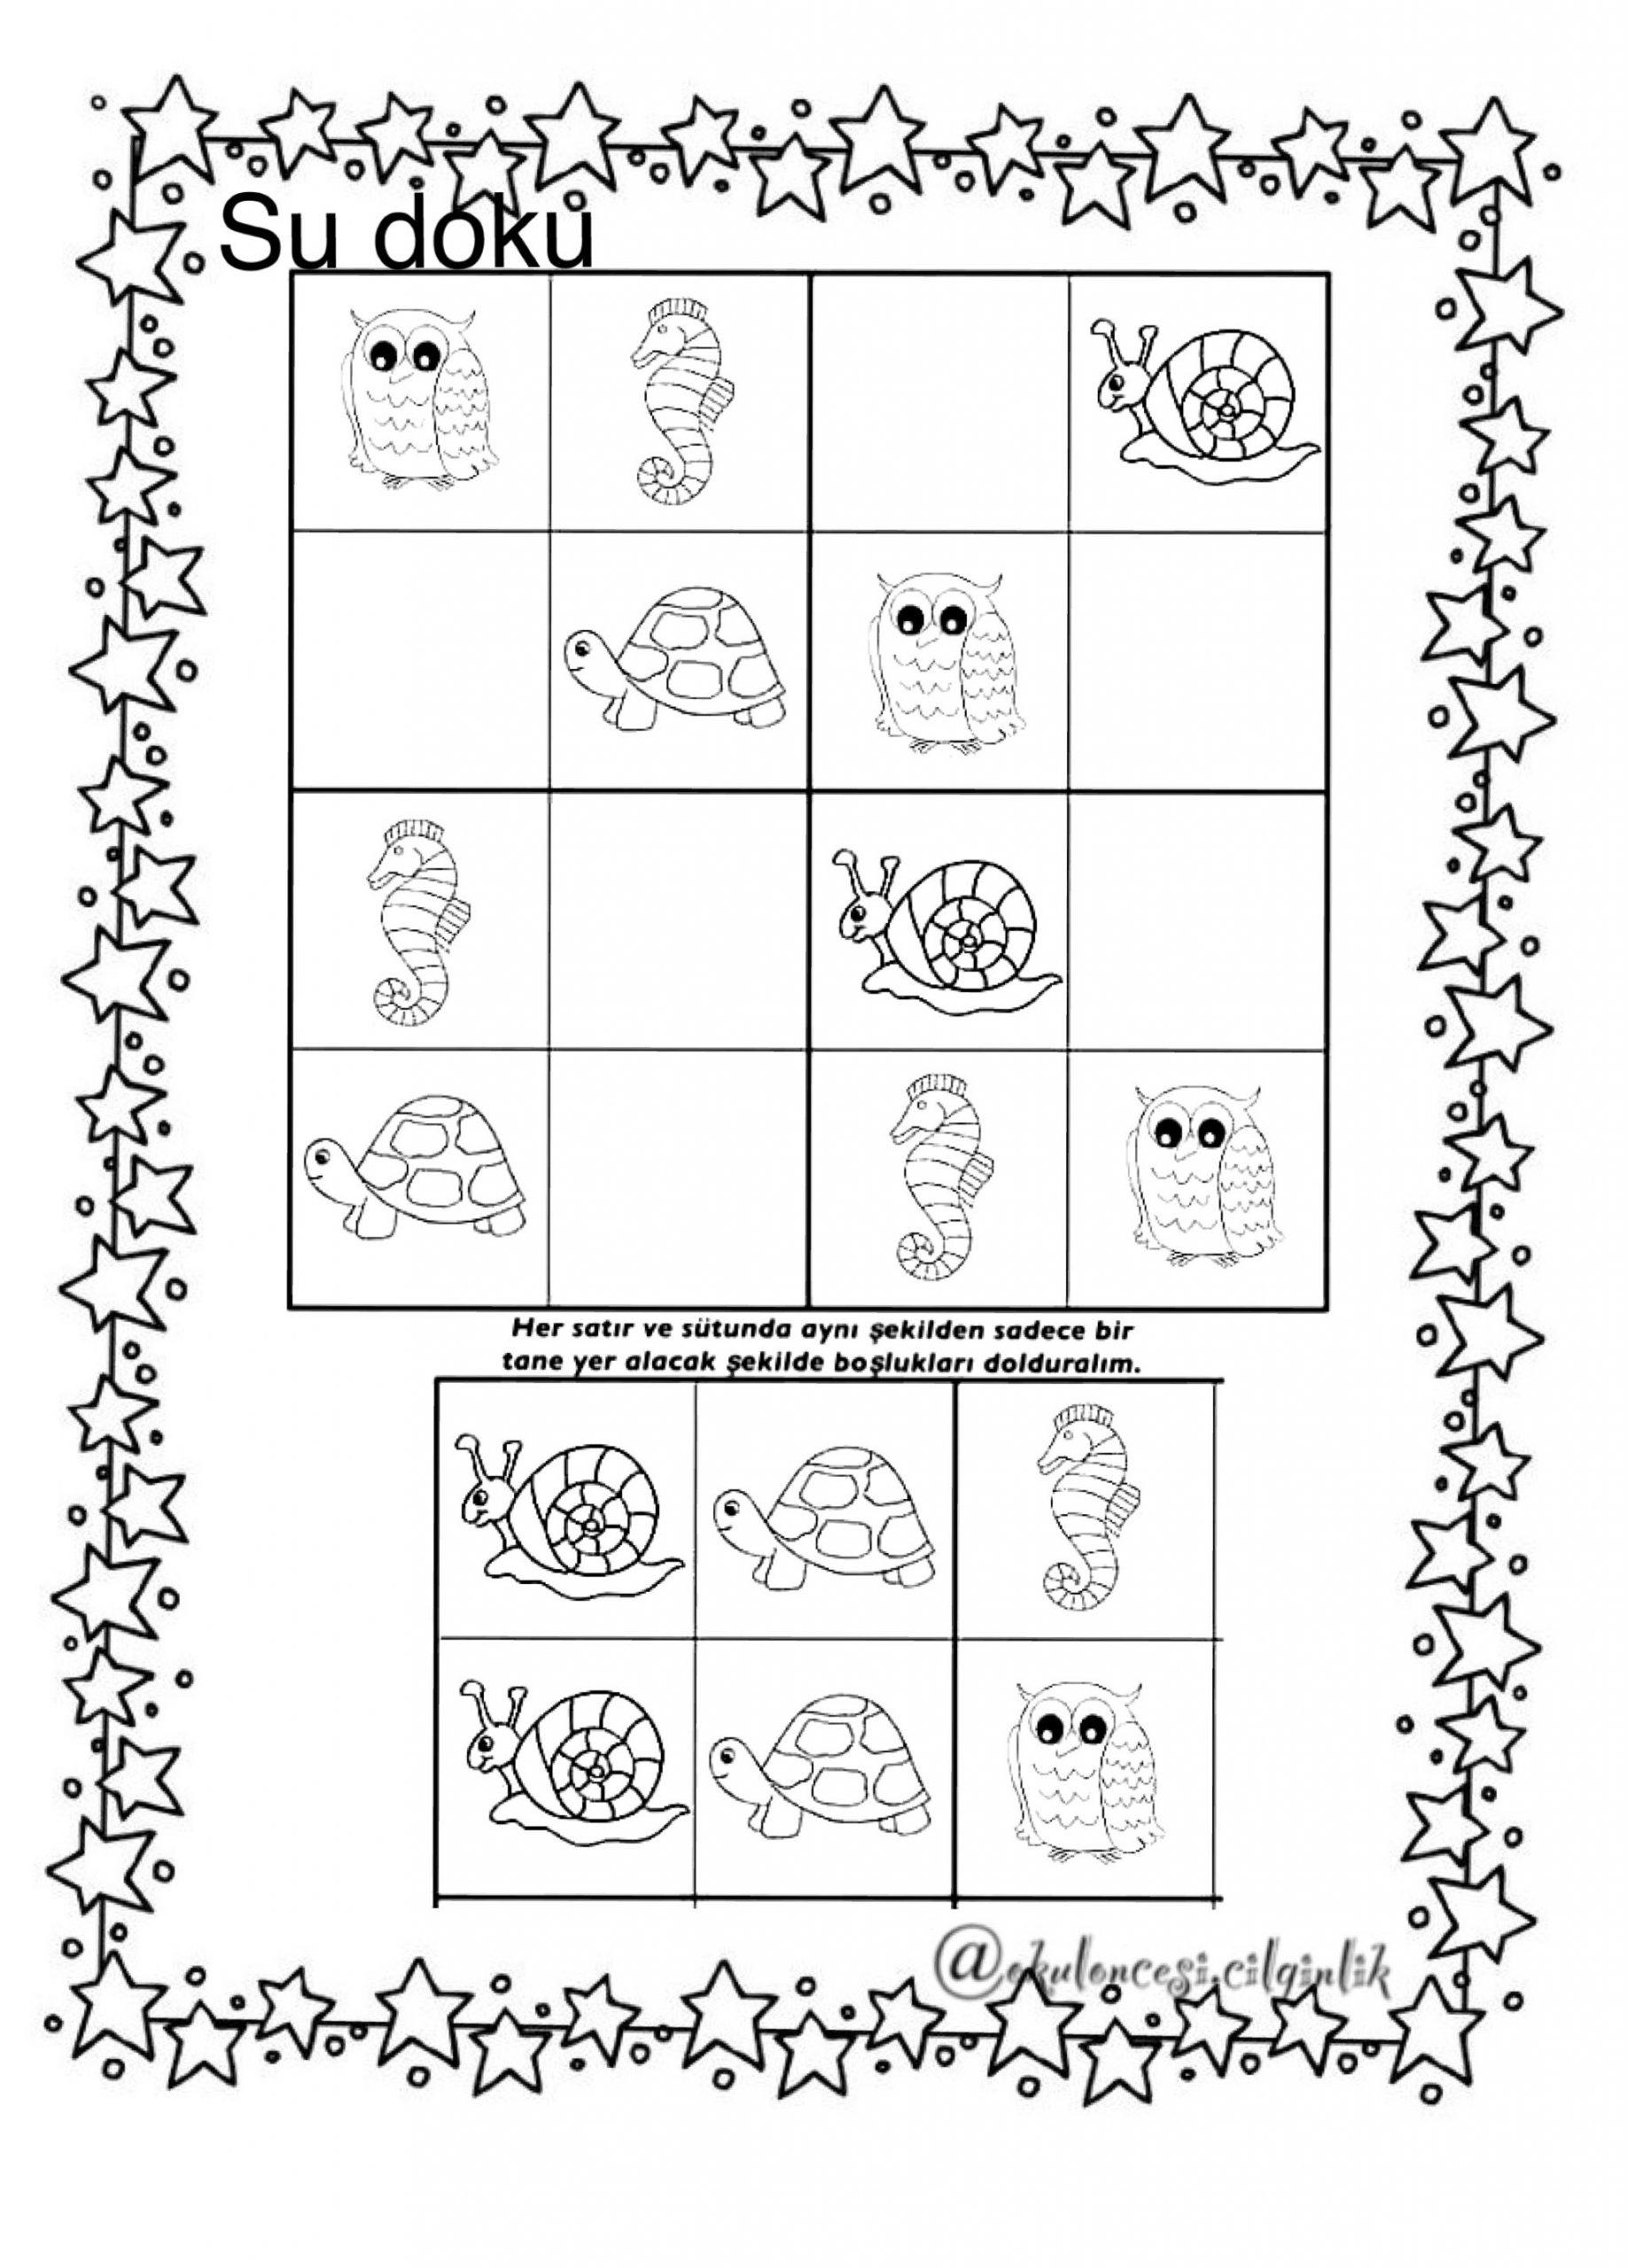 Hülya Solmaz Ince Adlı Kullanıcının Sudoku Panosundaki Pin concernant Sudoku A Imprimer